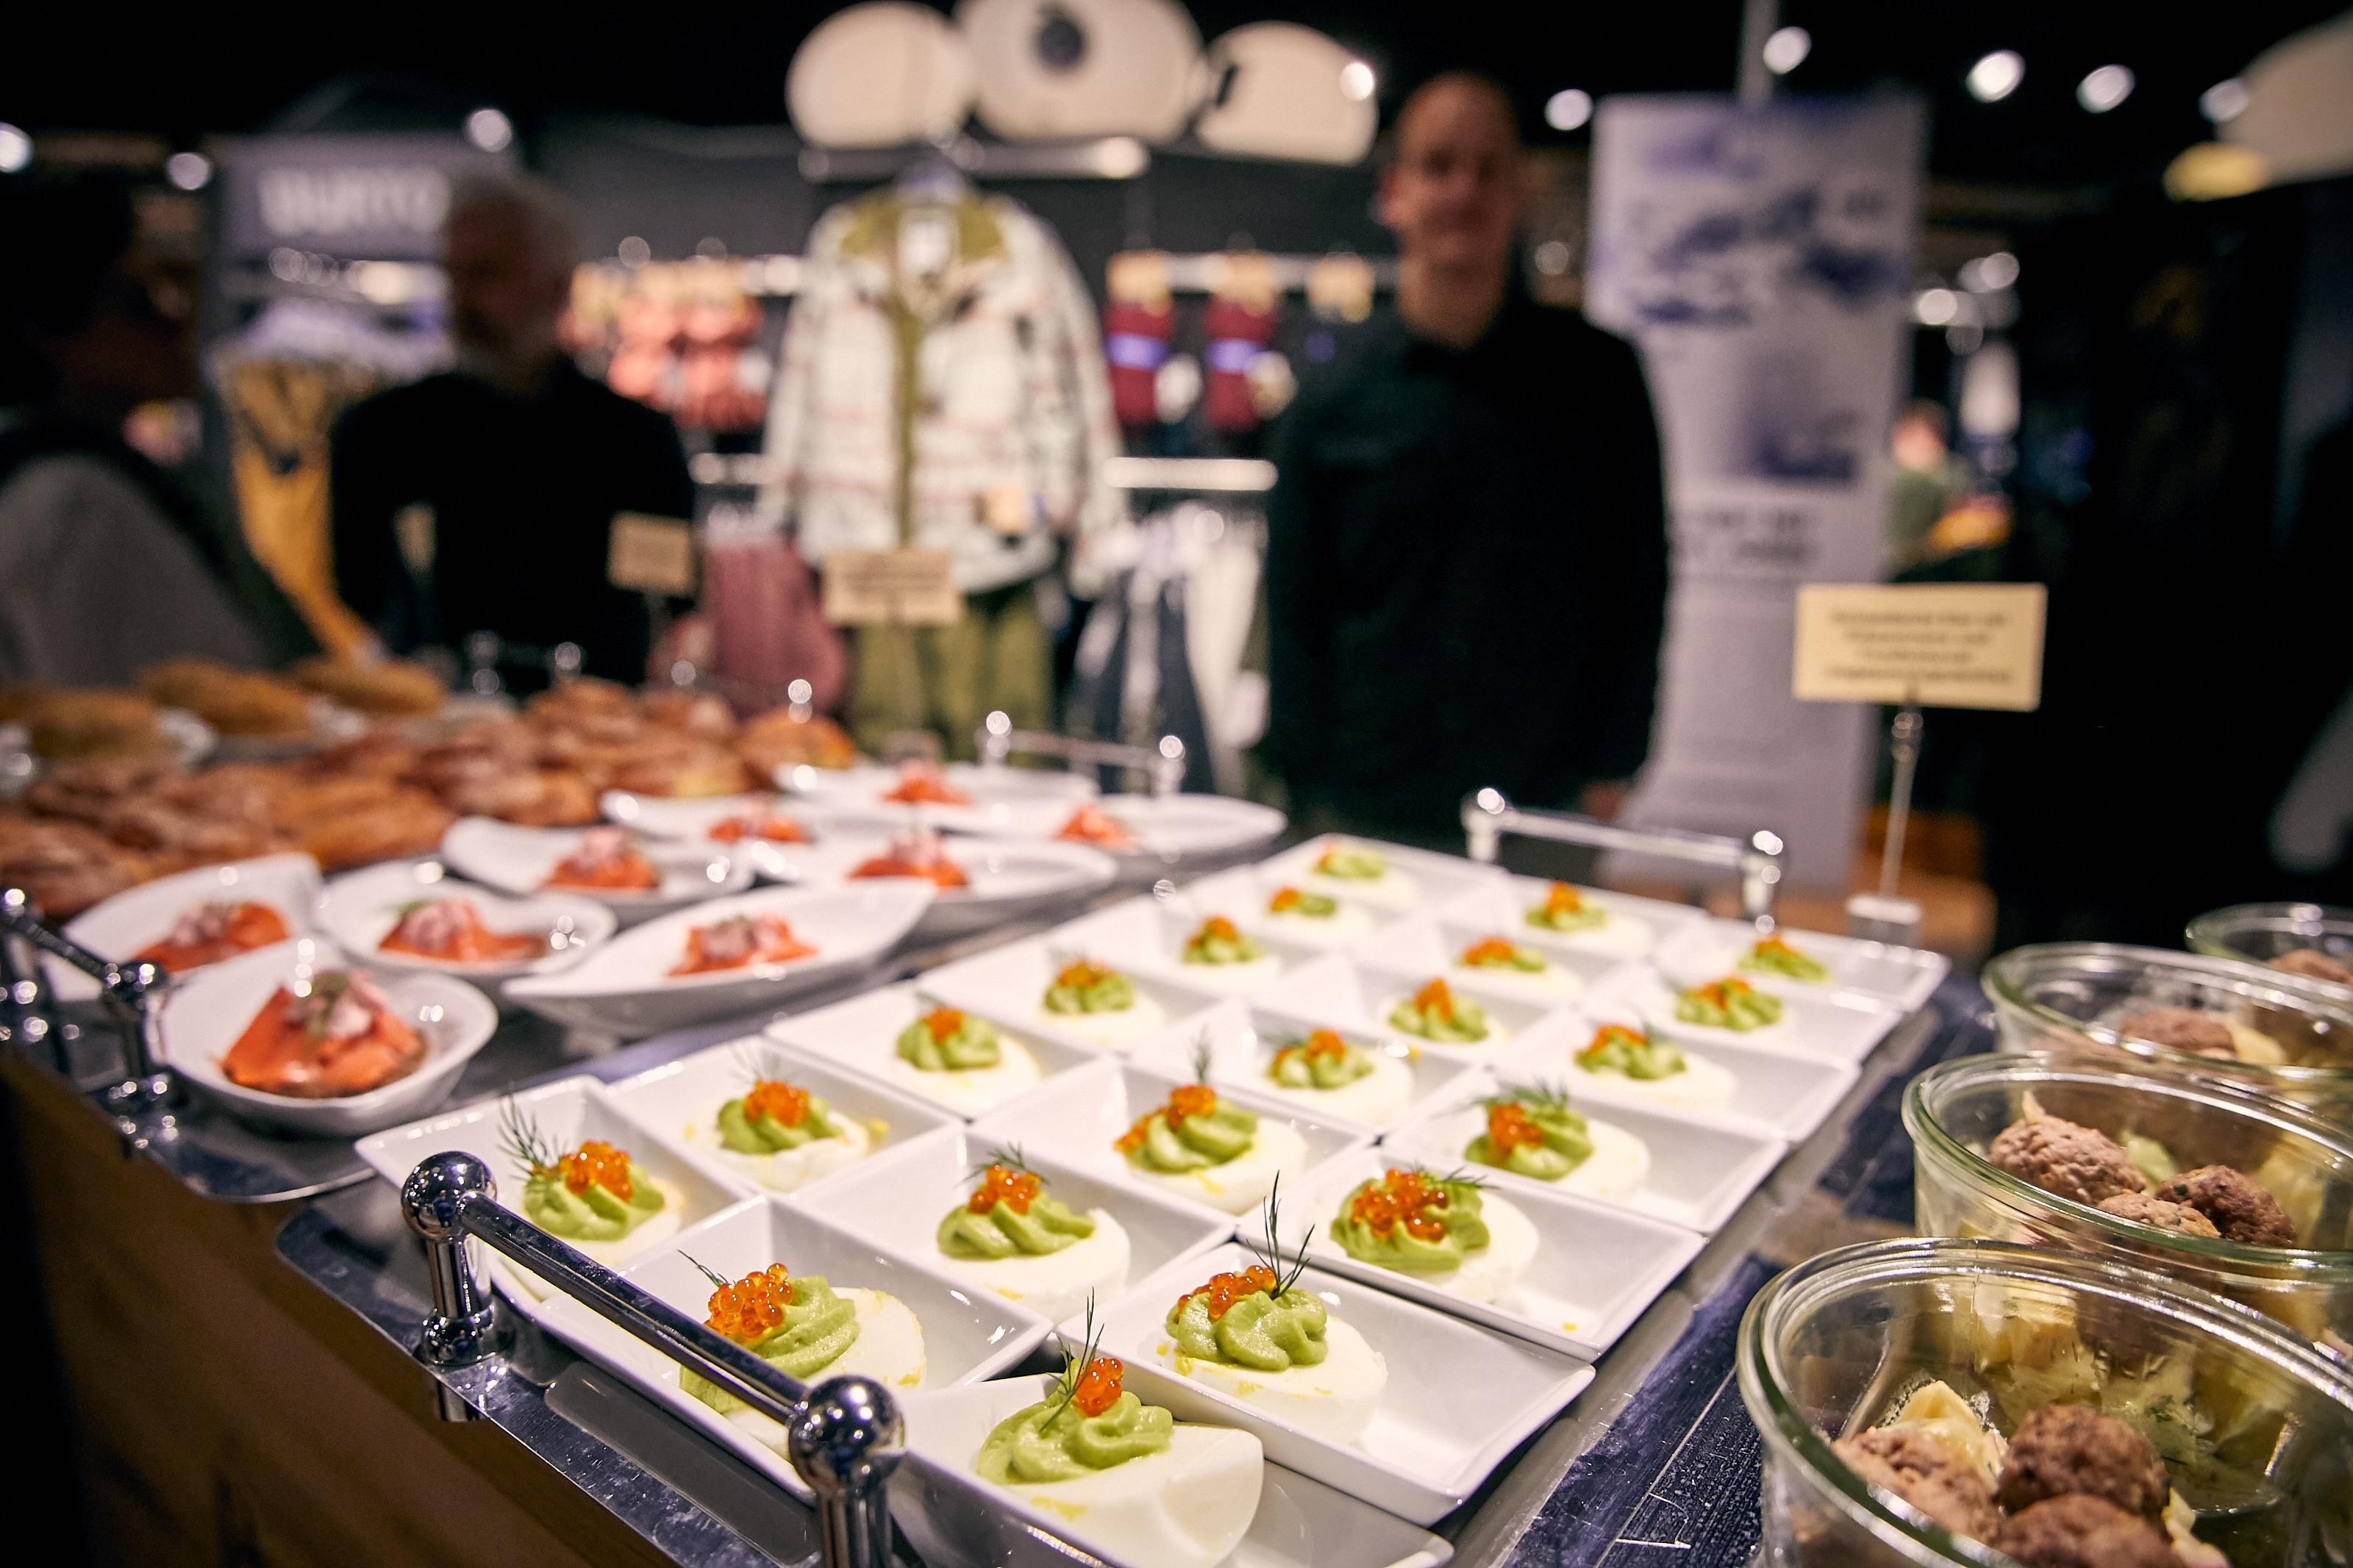 Modenschau, snacks & Drinks - So schön war das Winteropening 2019